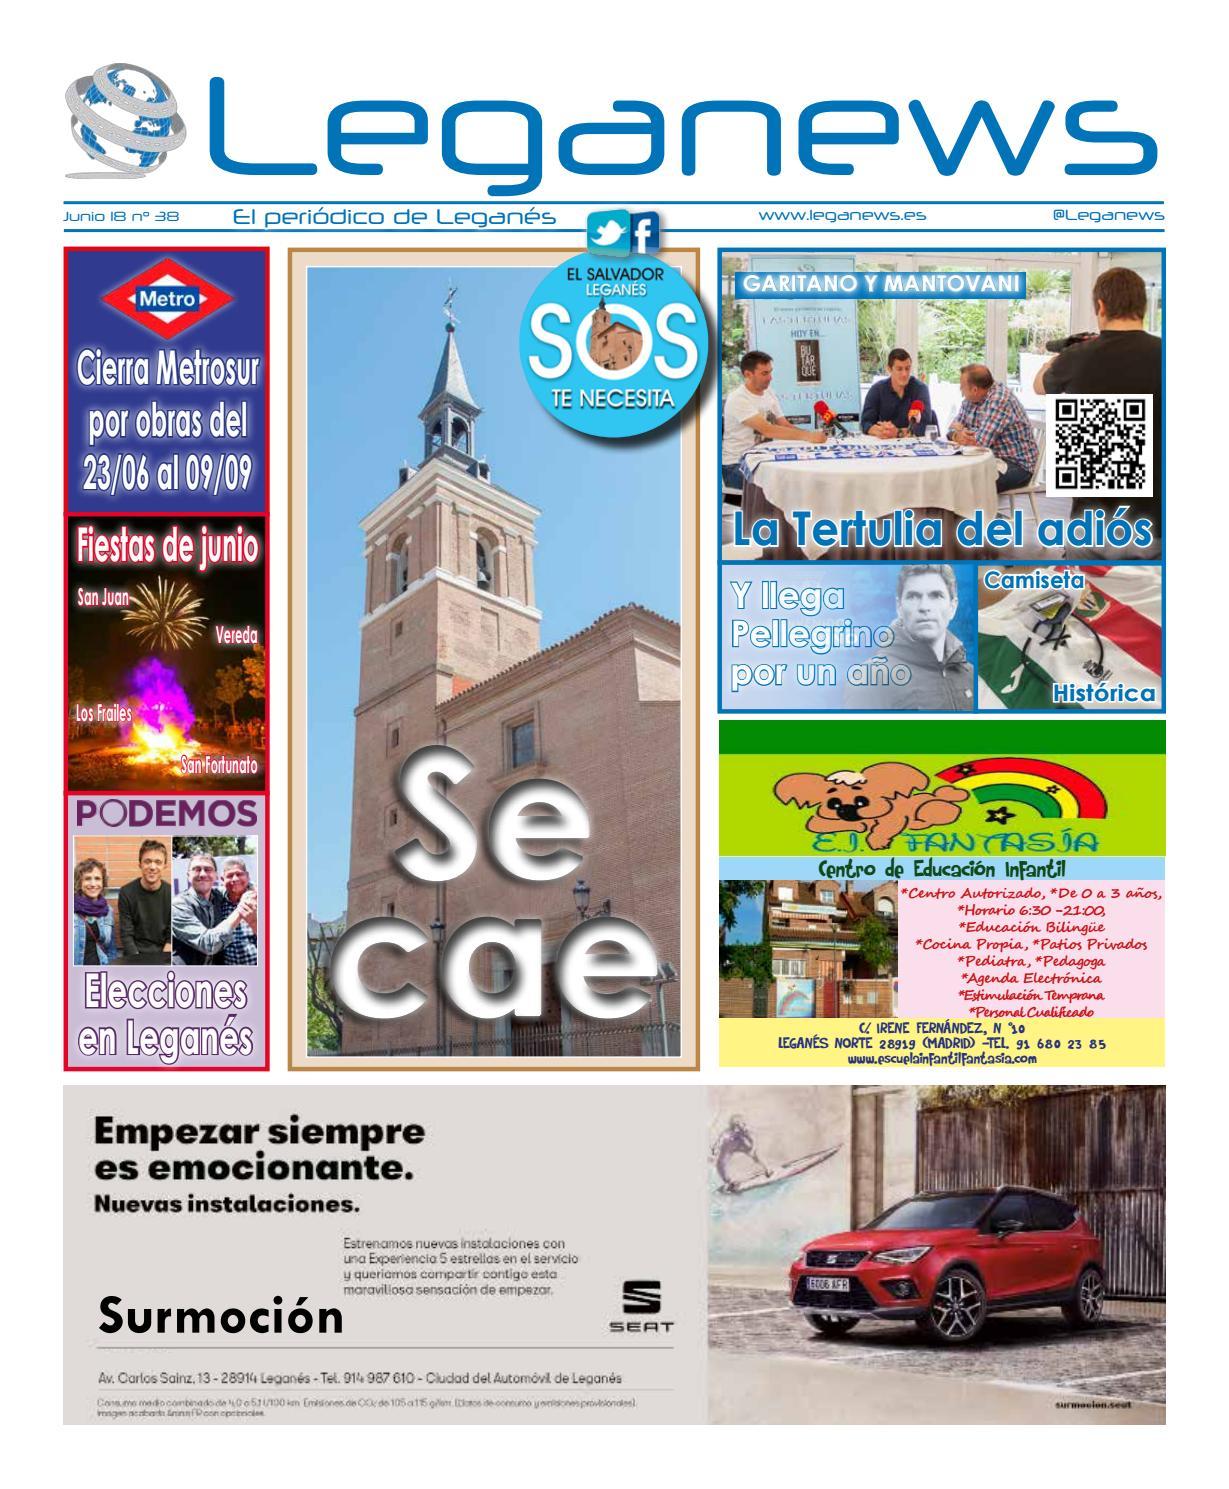 Leganews numero 38 by Leganews - issuu d2890d0214b1d